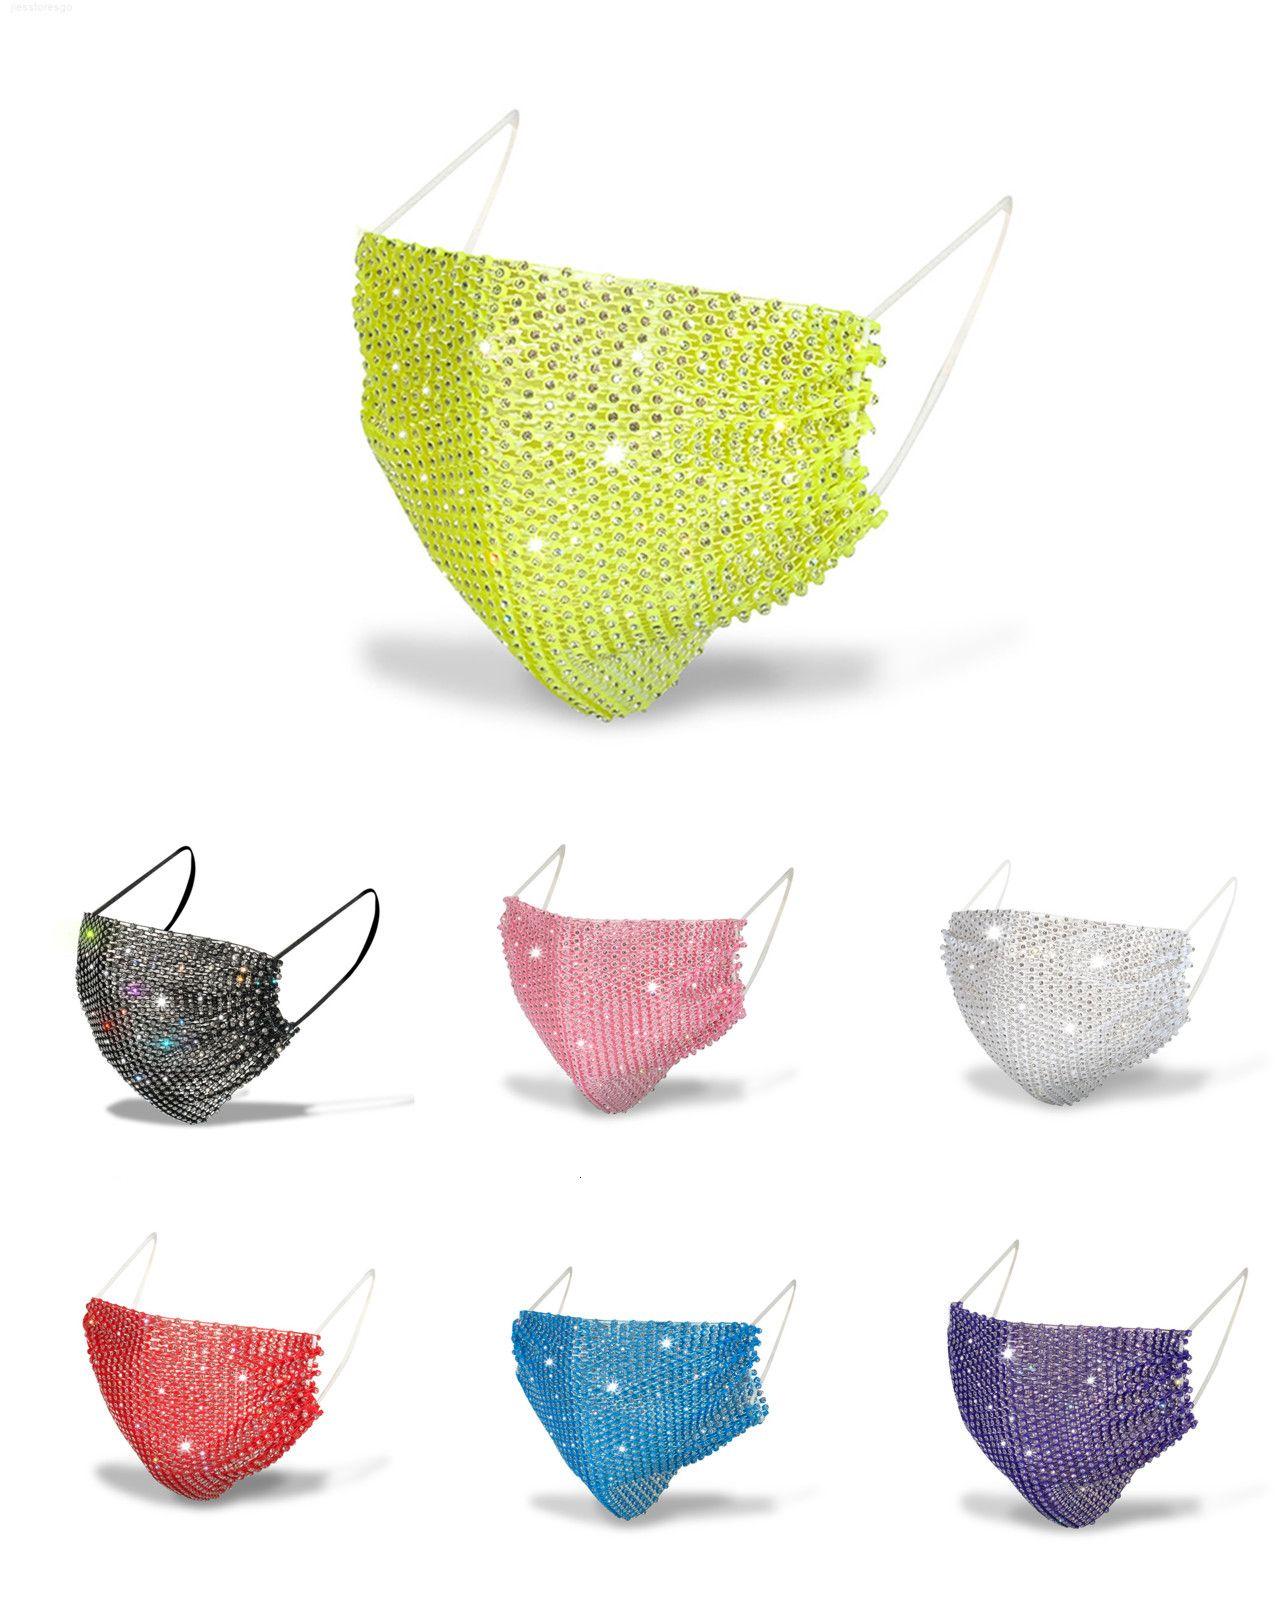 Lavabili riutilizzabili paillettes Viso Bling di paillette Lady Salon maschere di cotone antipolvere Maschera di protezione